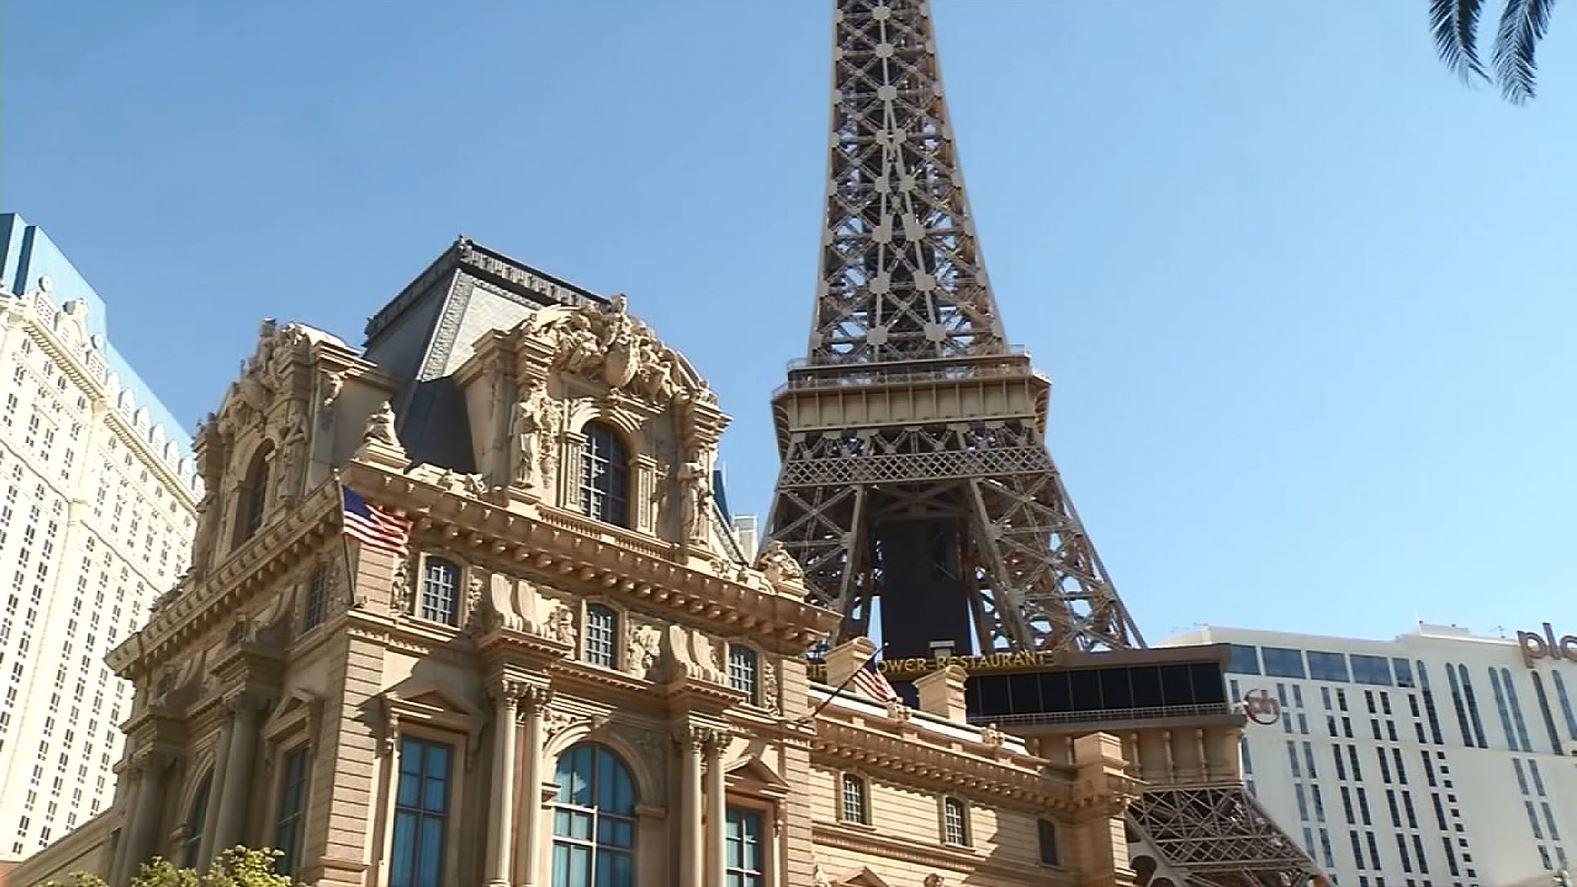 paris-las-vegas-hotel-casino-ktnv_182991